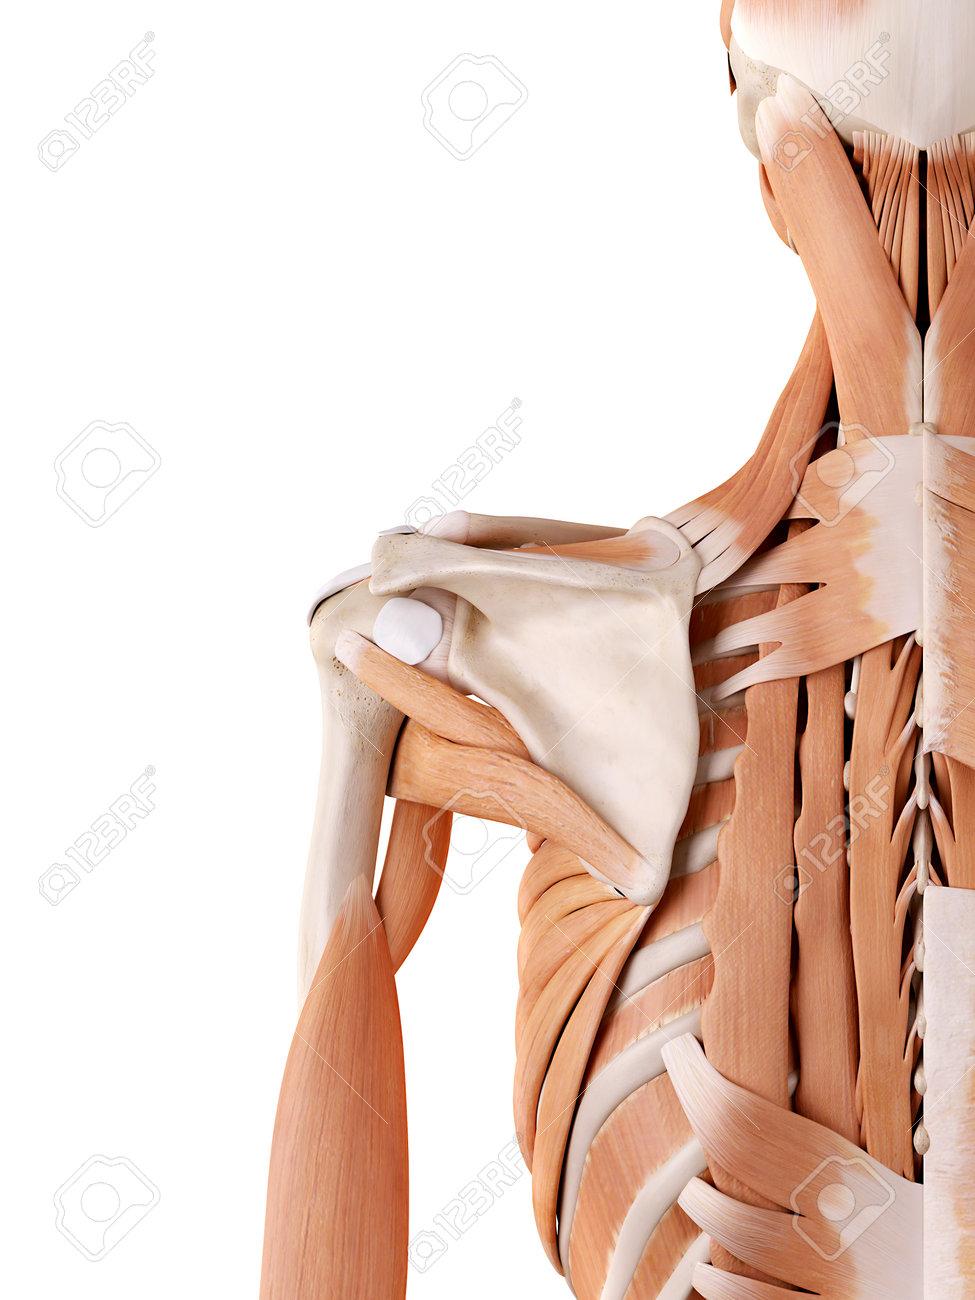 Großartig Schultermuskulatur Bilder Ideen - Menschliche Anatomie ...